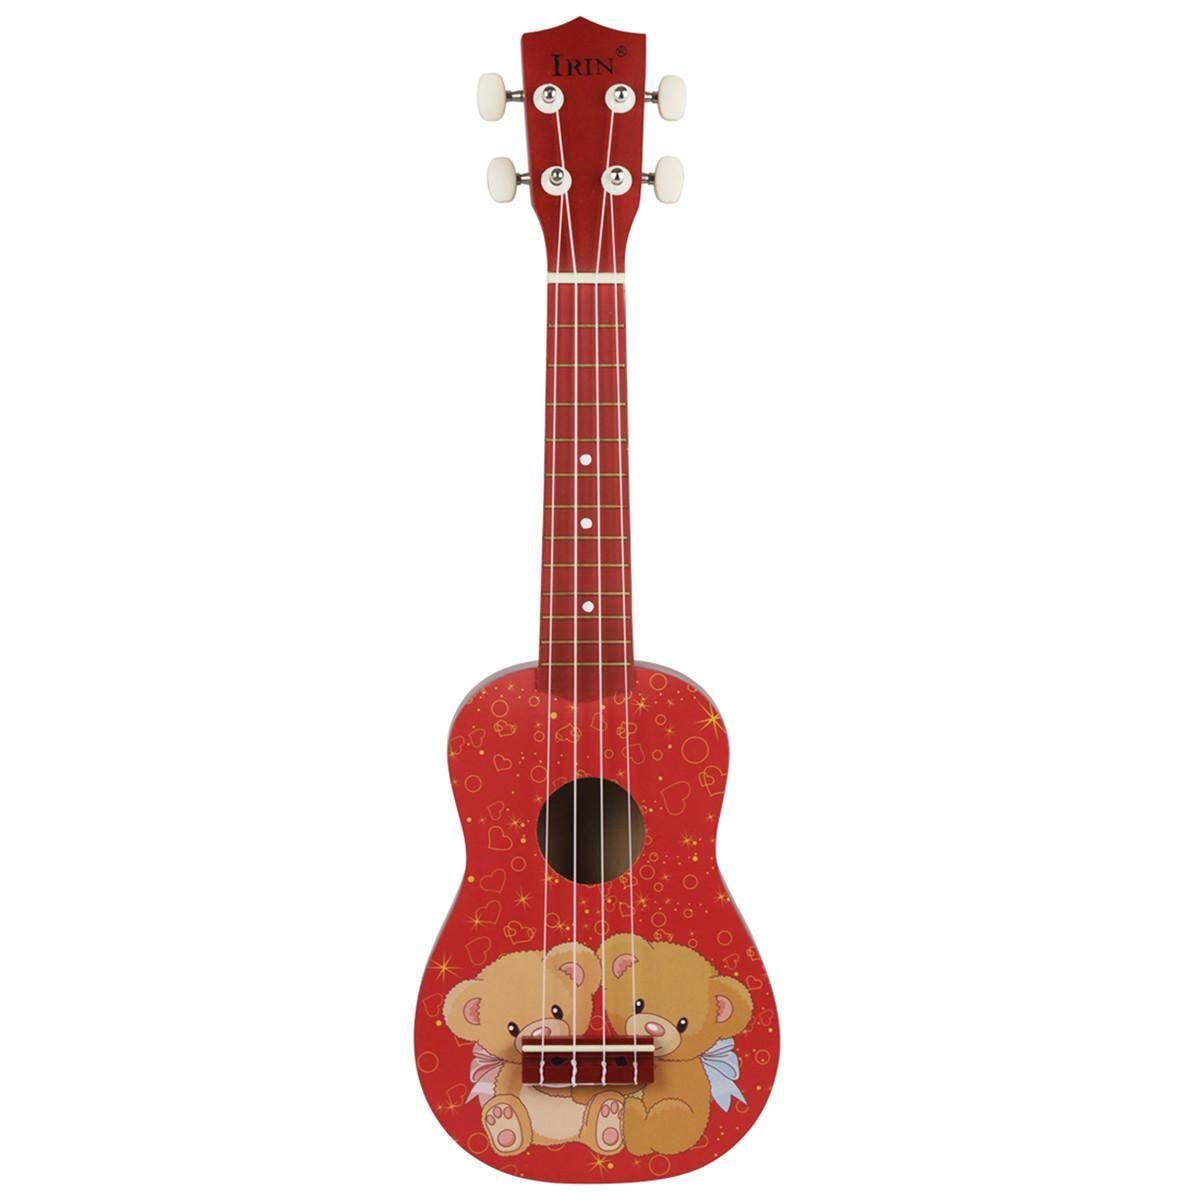 21 Mini Acoustic Guitar 4 Dây Ukulele Nhạc Cụ Cho Người Mới Bắt Đầu Học Sinh